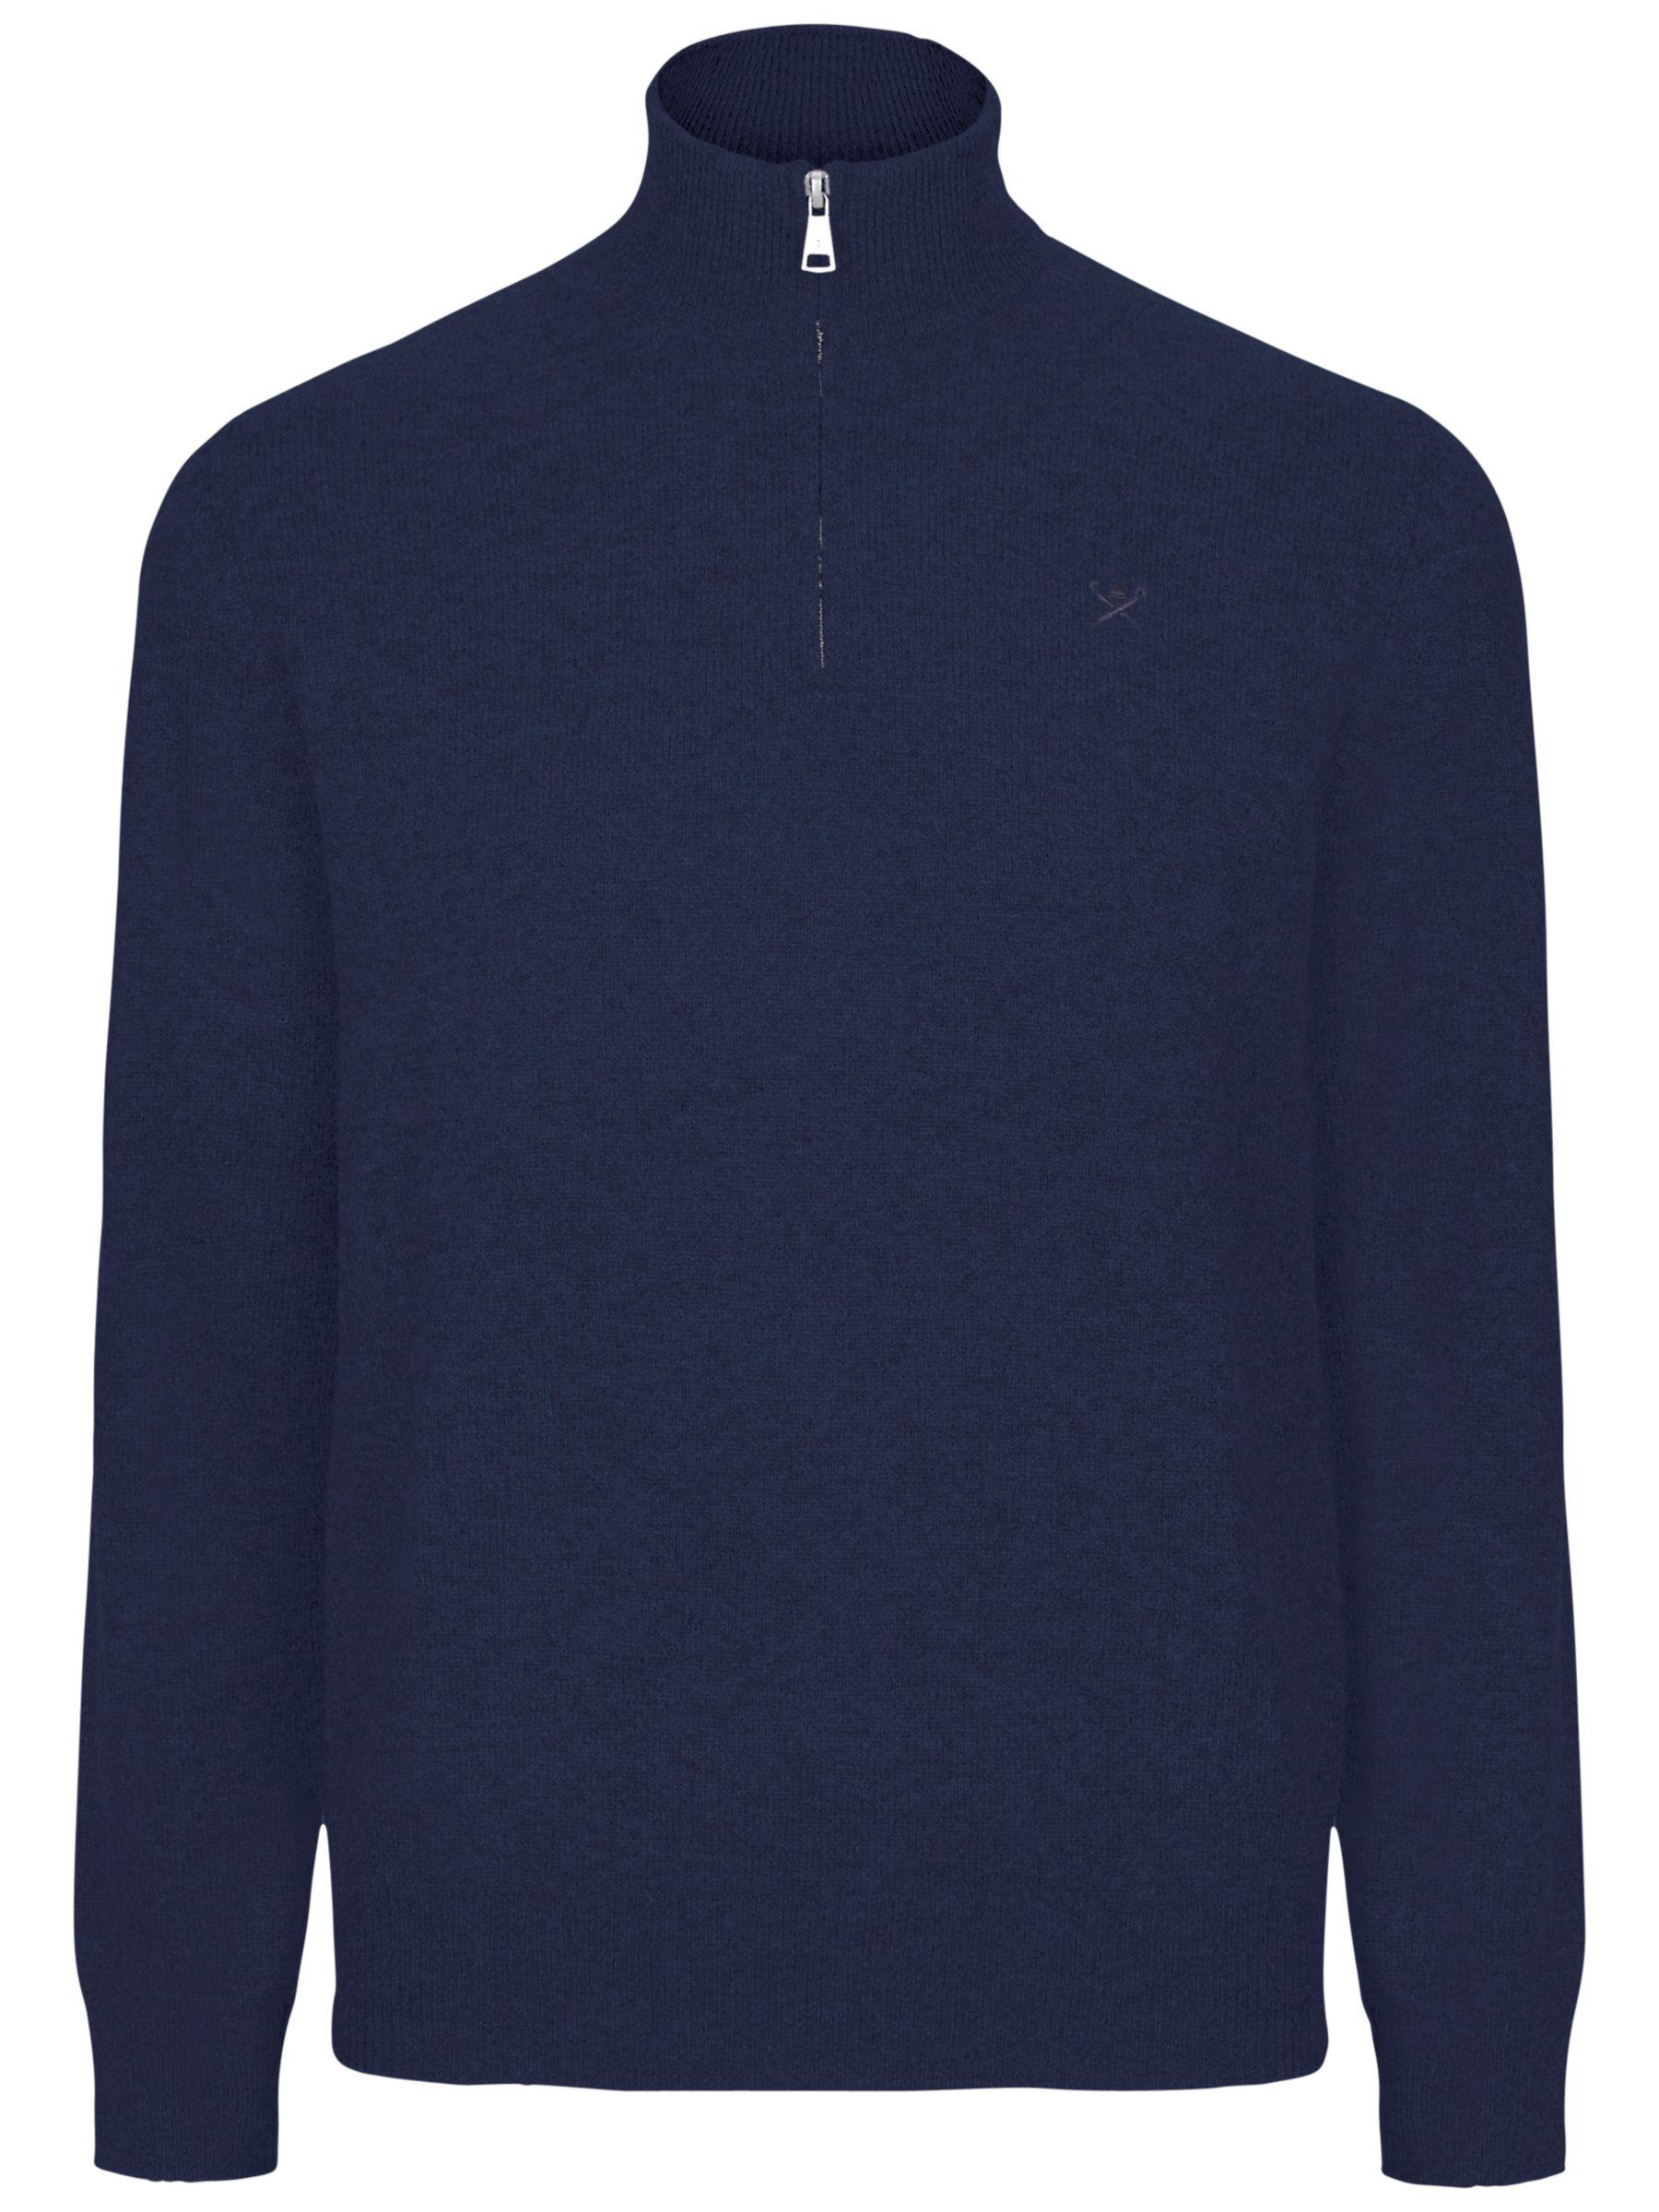 Hackett London Hackett London Cotton Cashmere Half Zip Jumper, Dark Denim